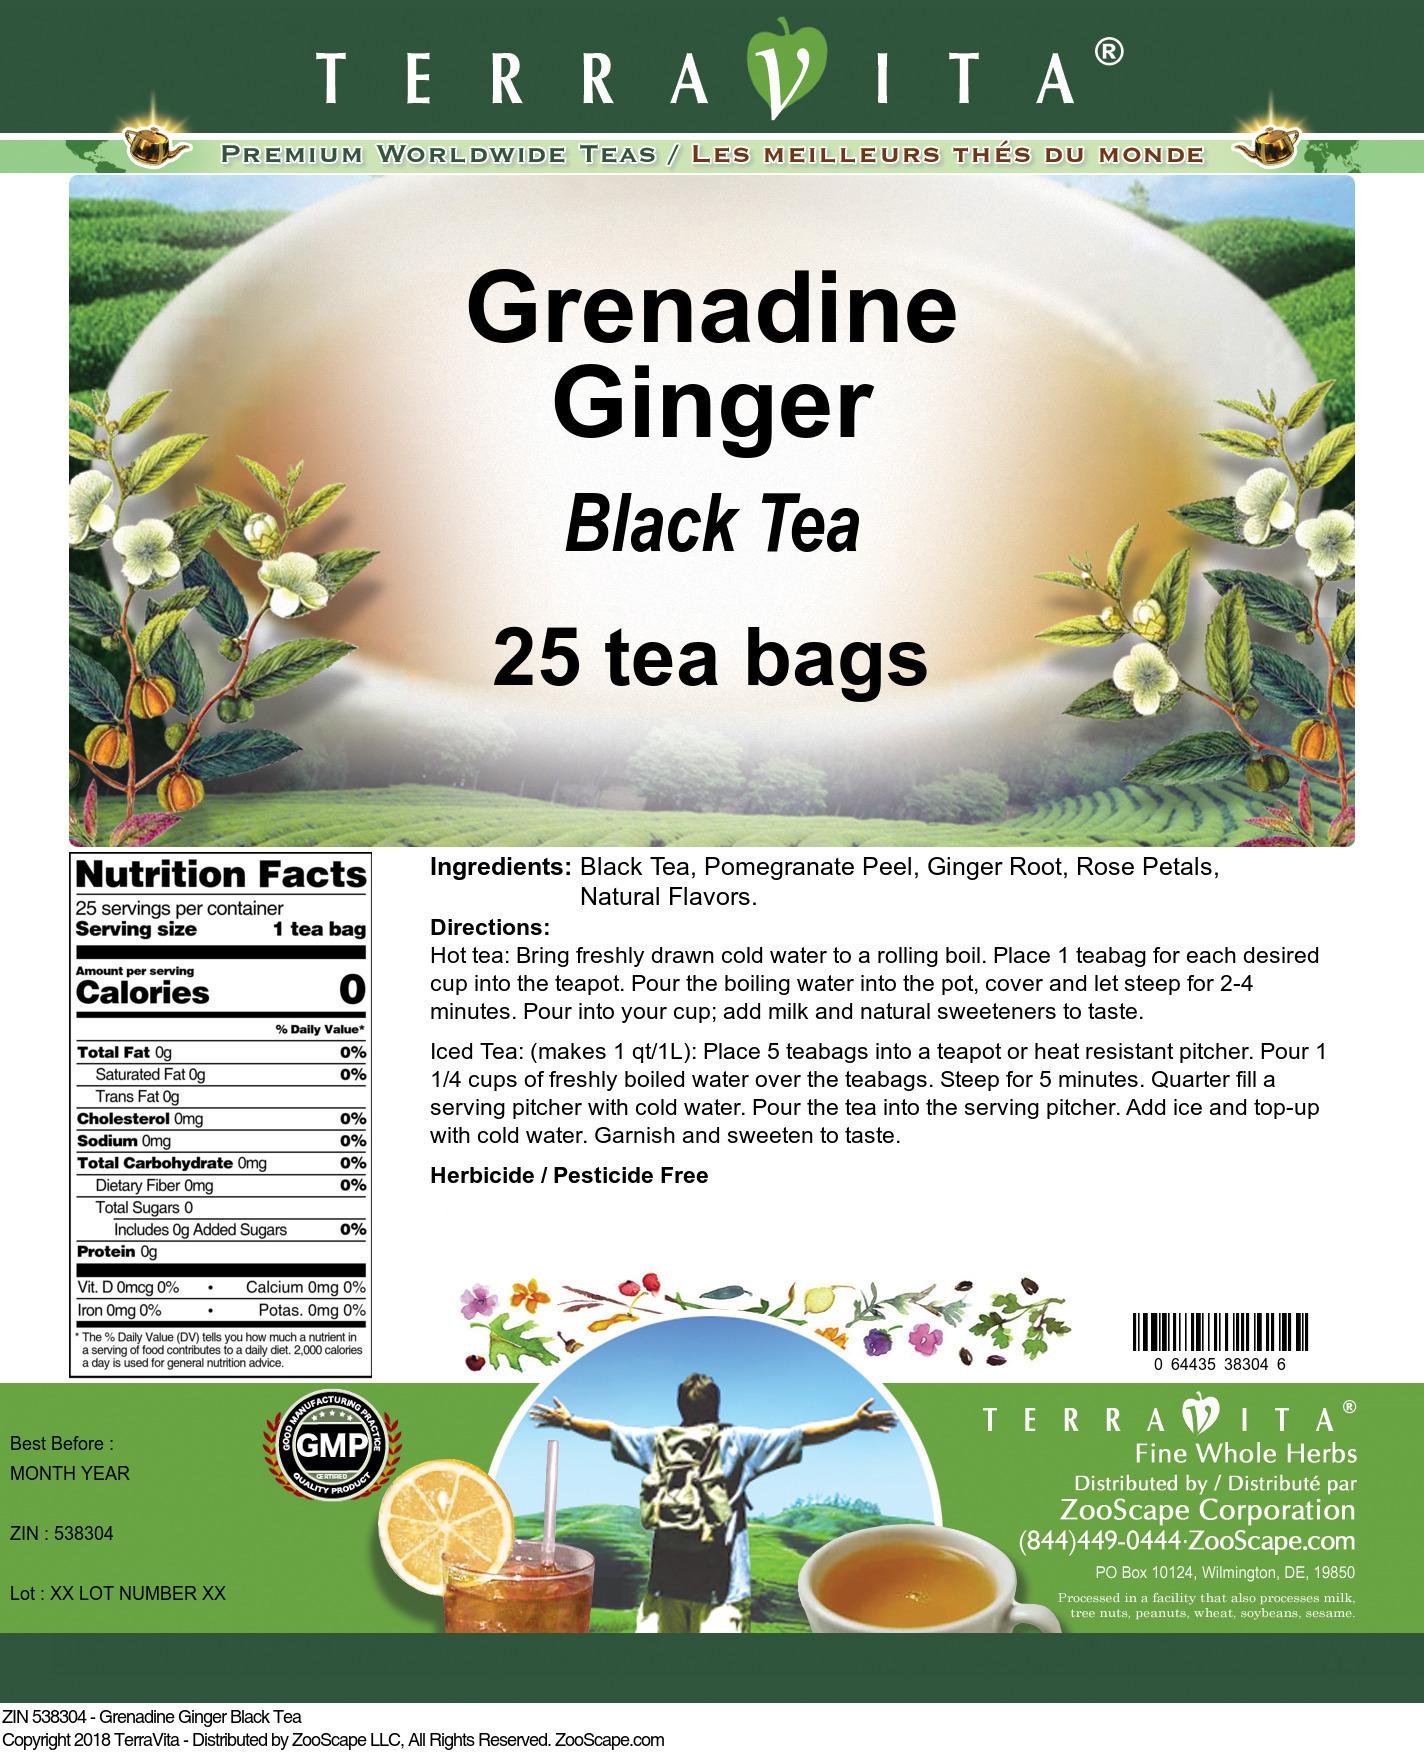 Grenadine Ginger Black Tea